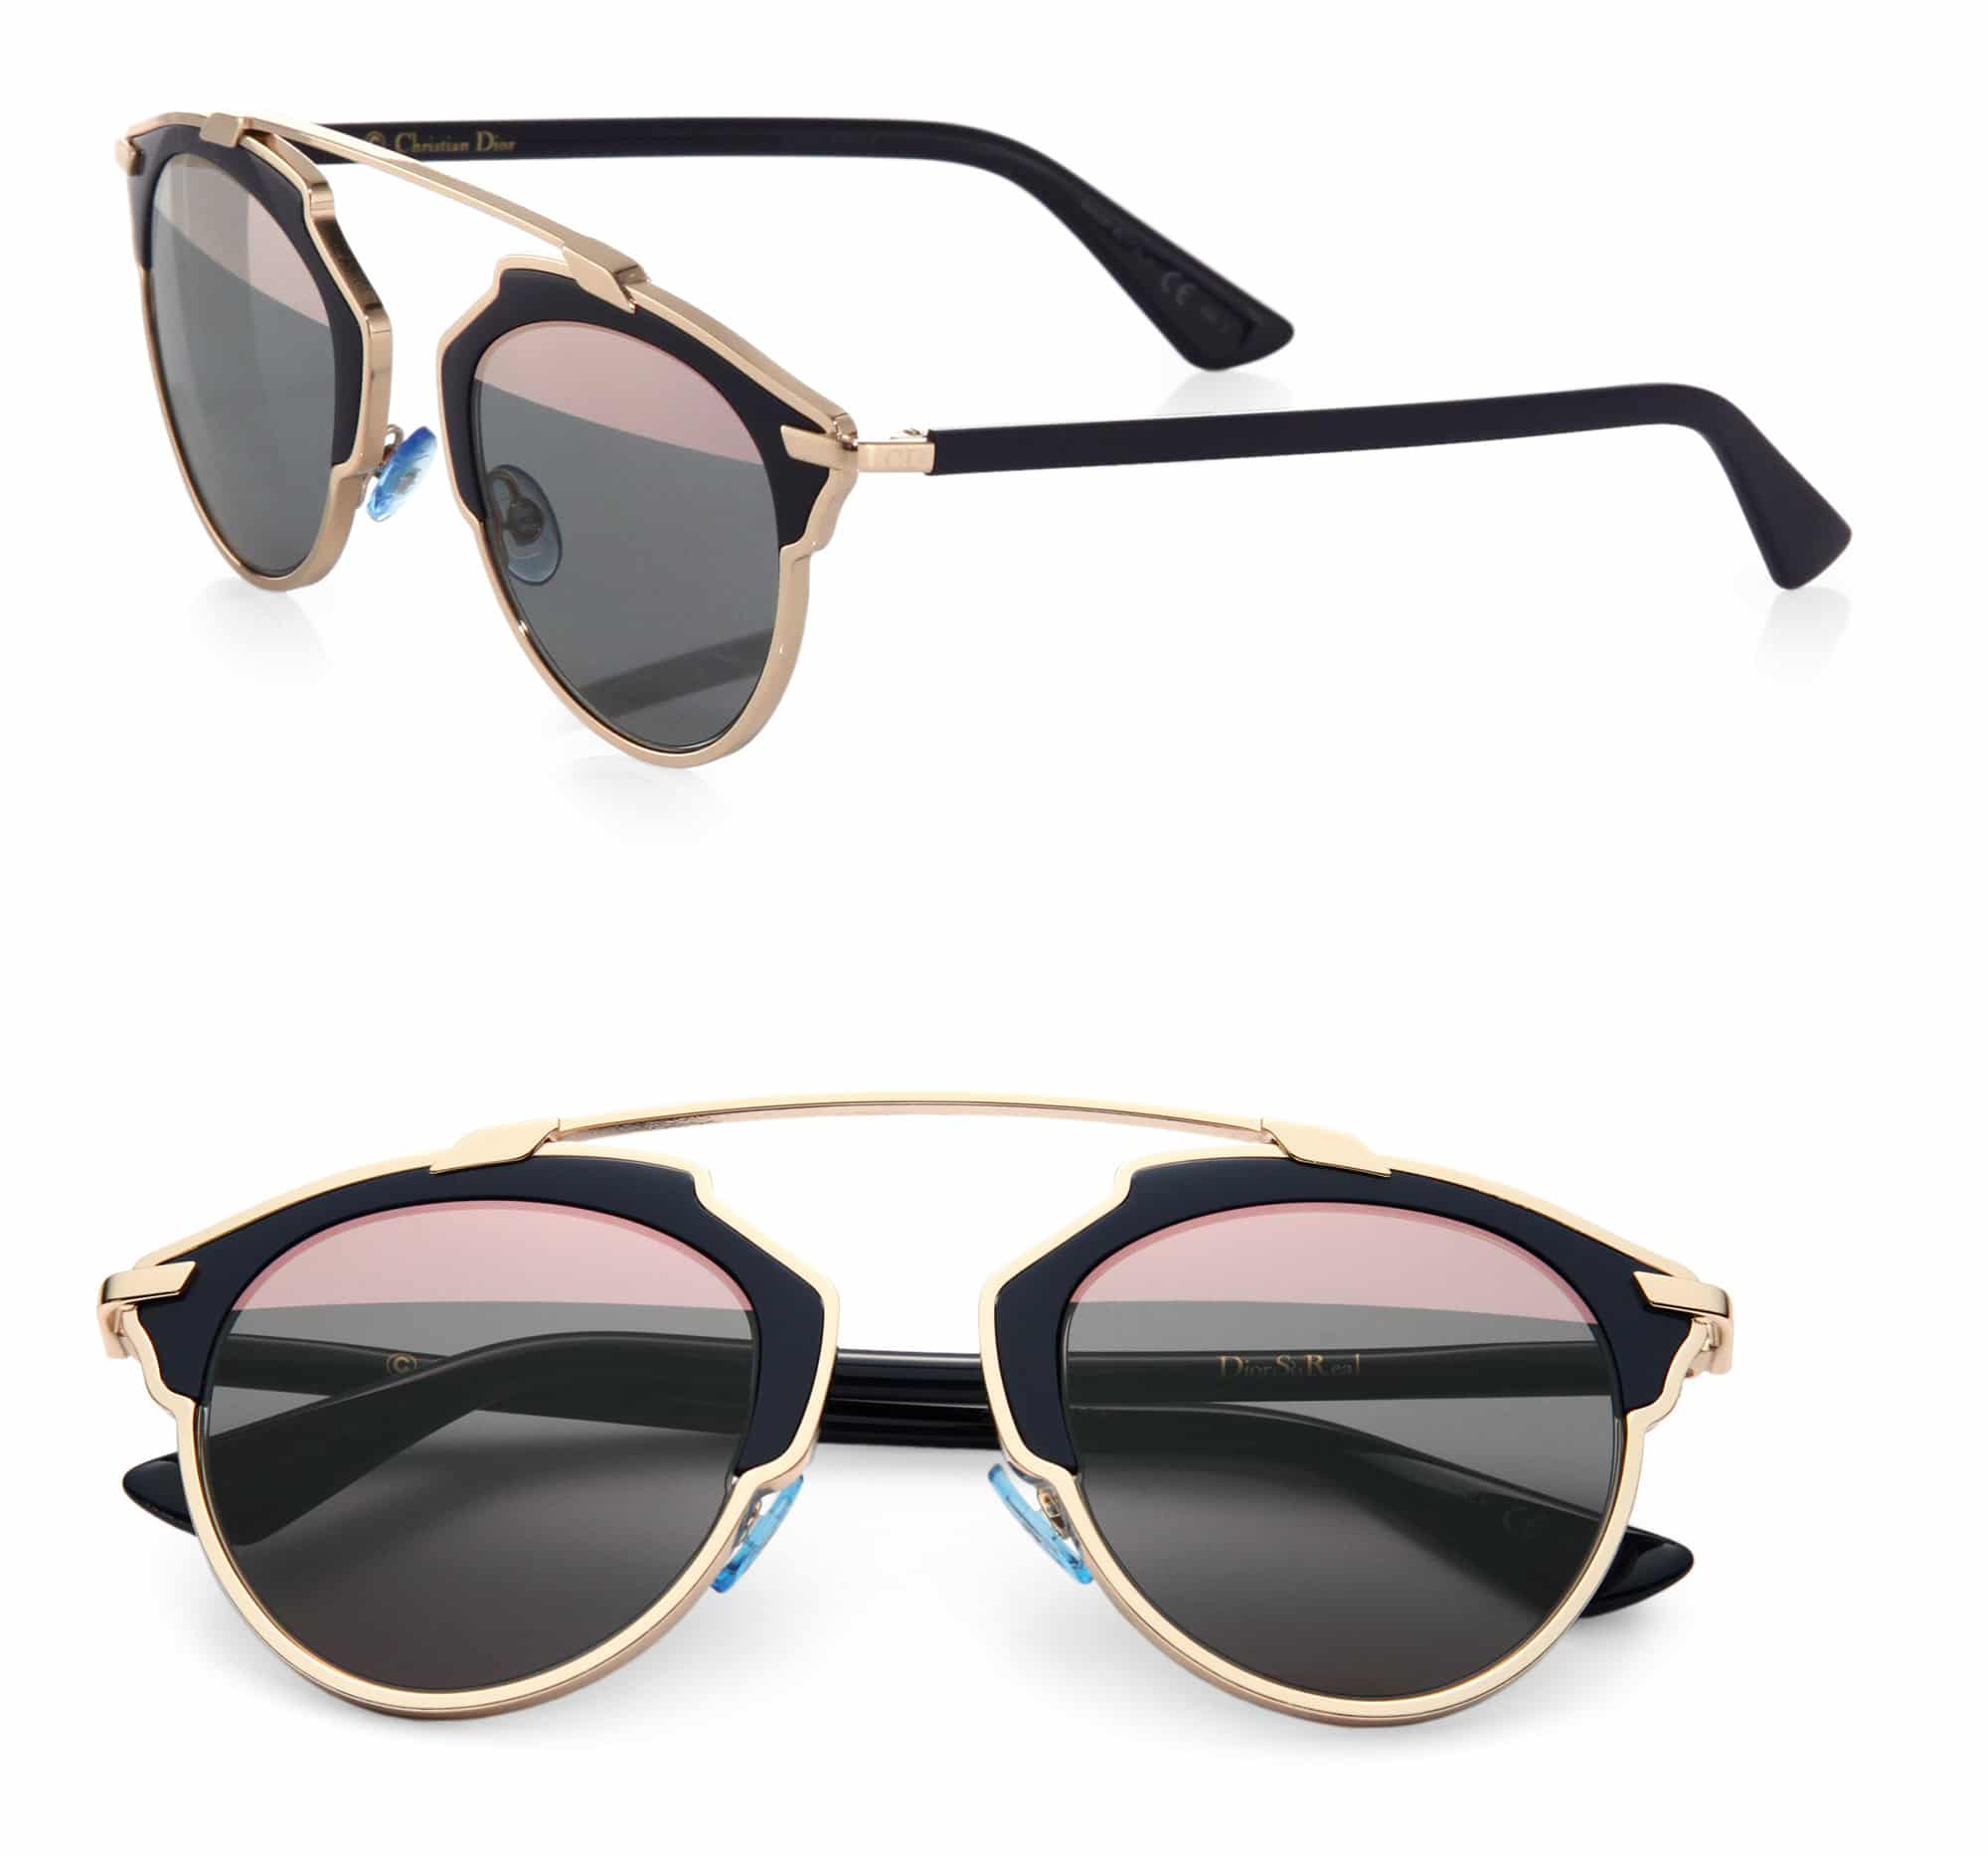 dddc4f7d144af Designer Sunglasses For Spring Summer 2016